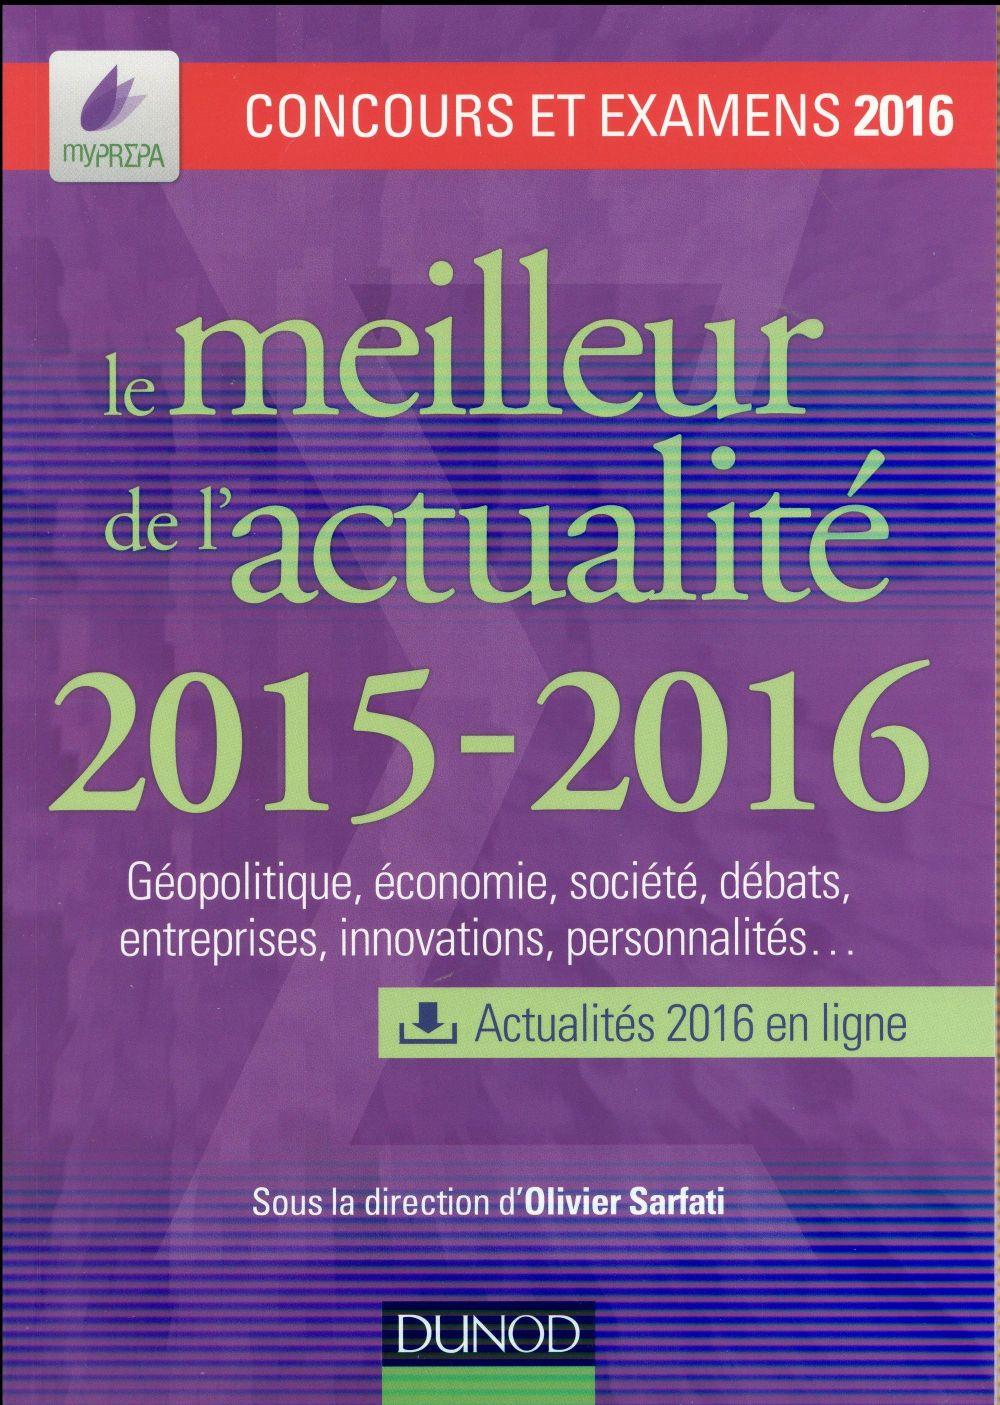 Le Meilleur De L'Actualite (Edition 2015/2016) ; Concours Et Examens 2016